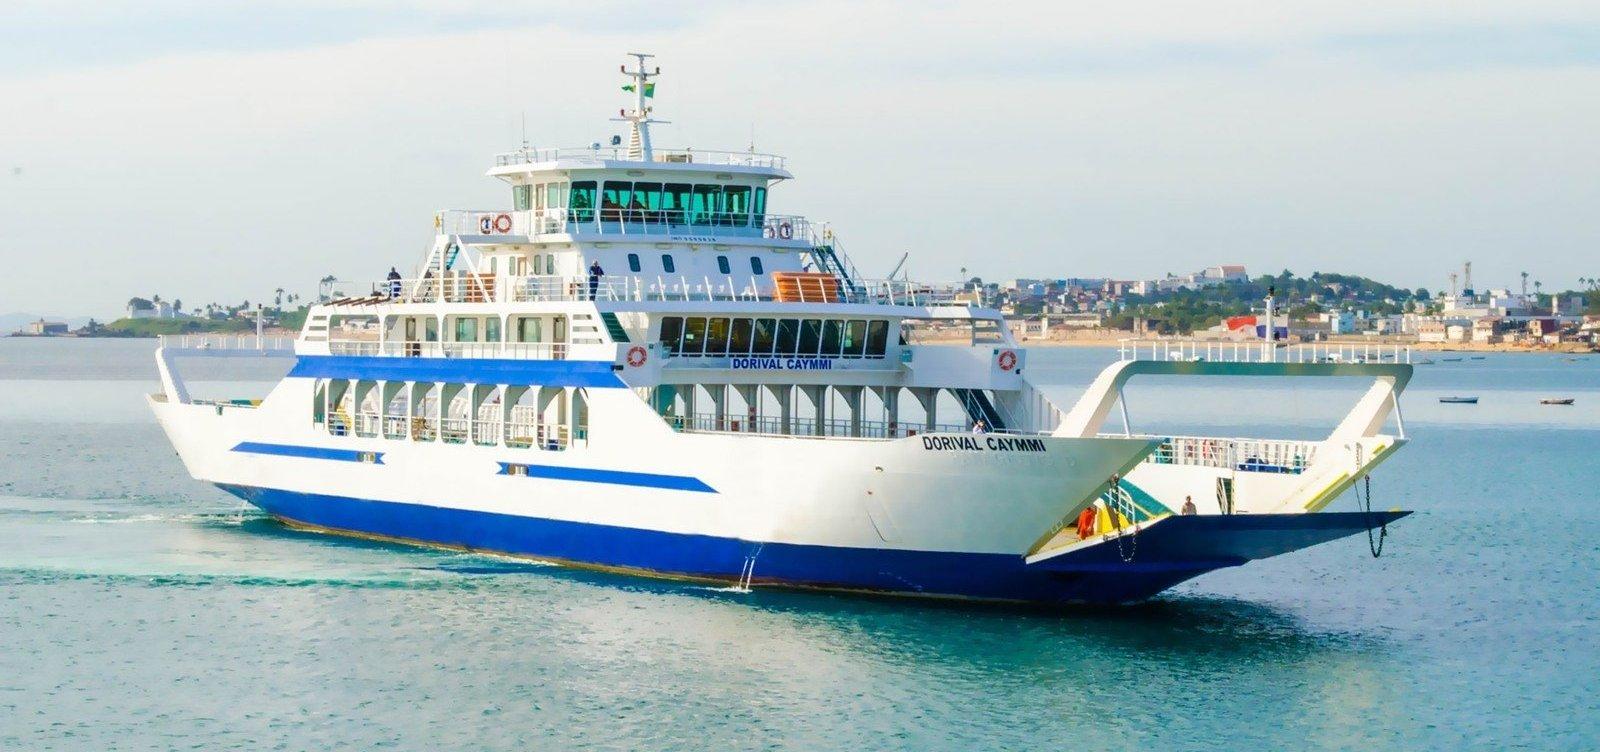 [Novos preços da passagem do ferry-boat começam a valer a partir deste sábado]